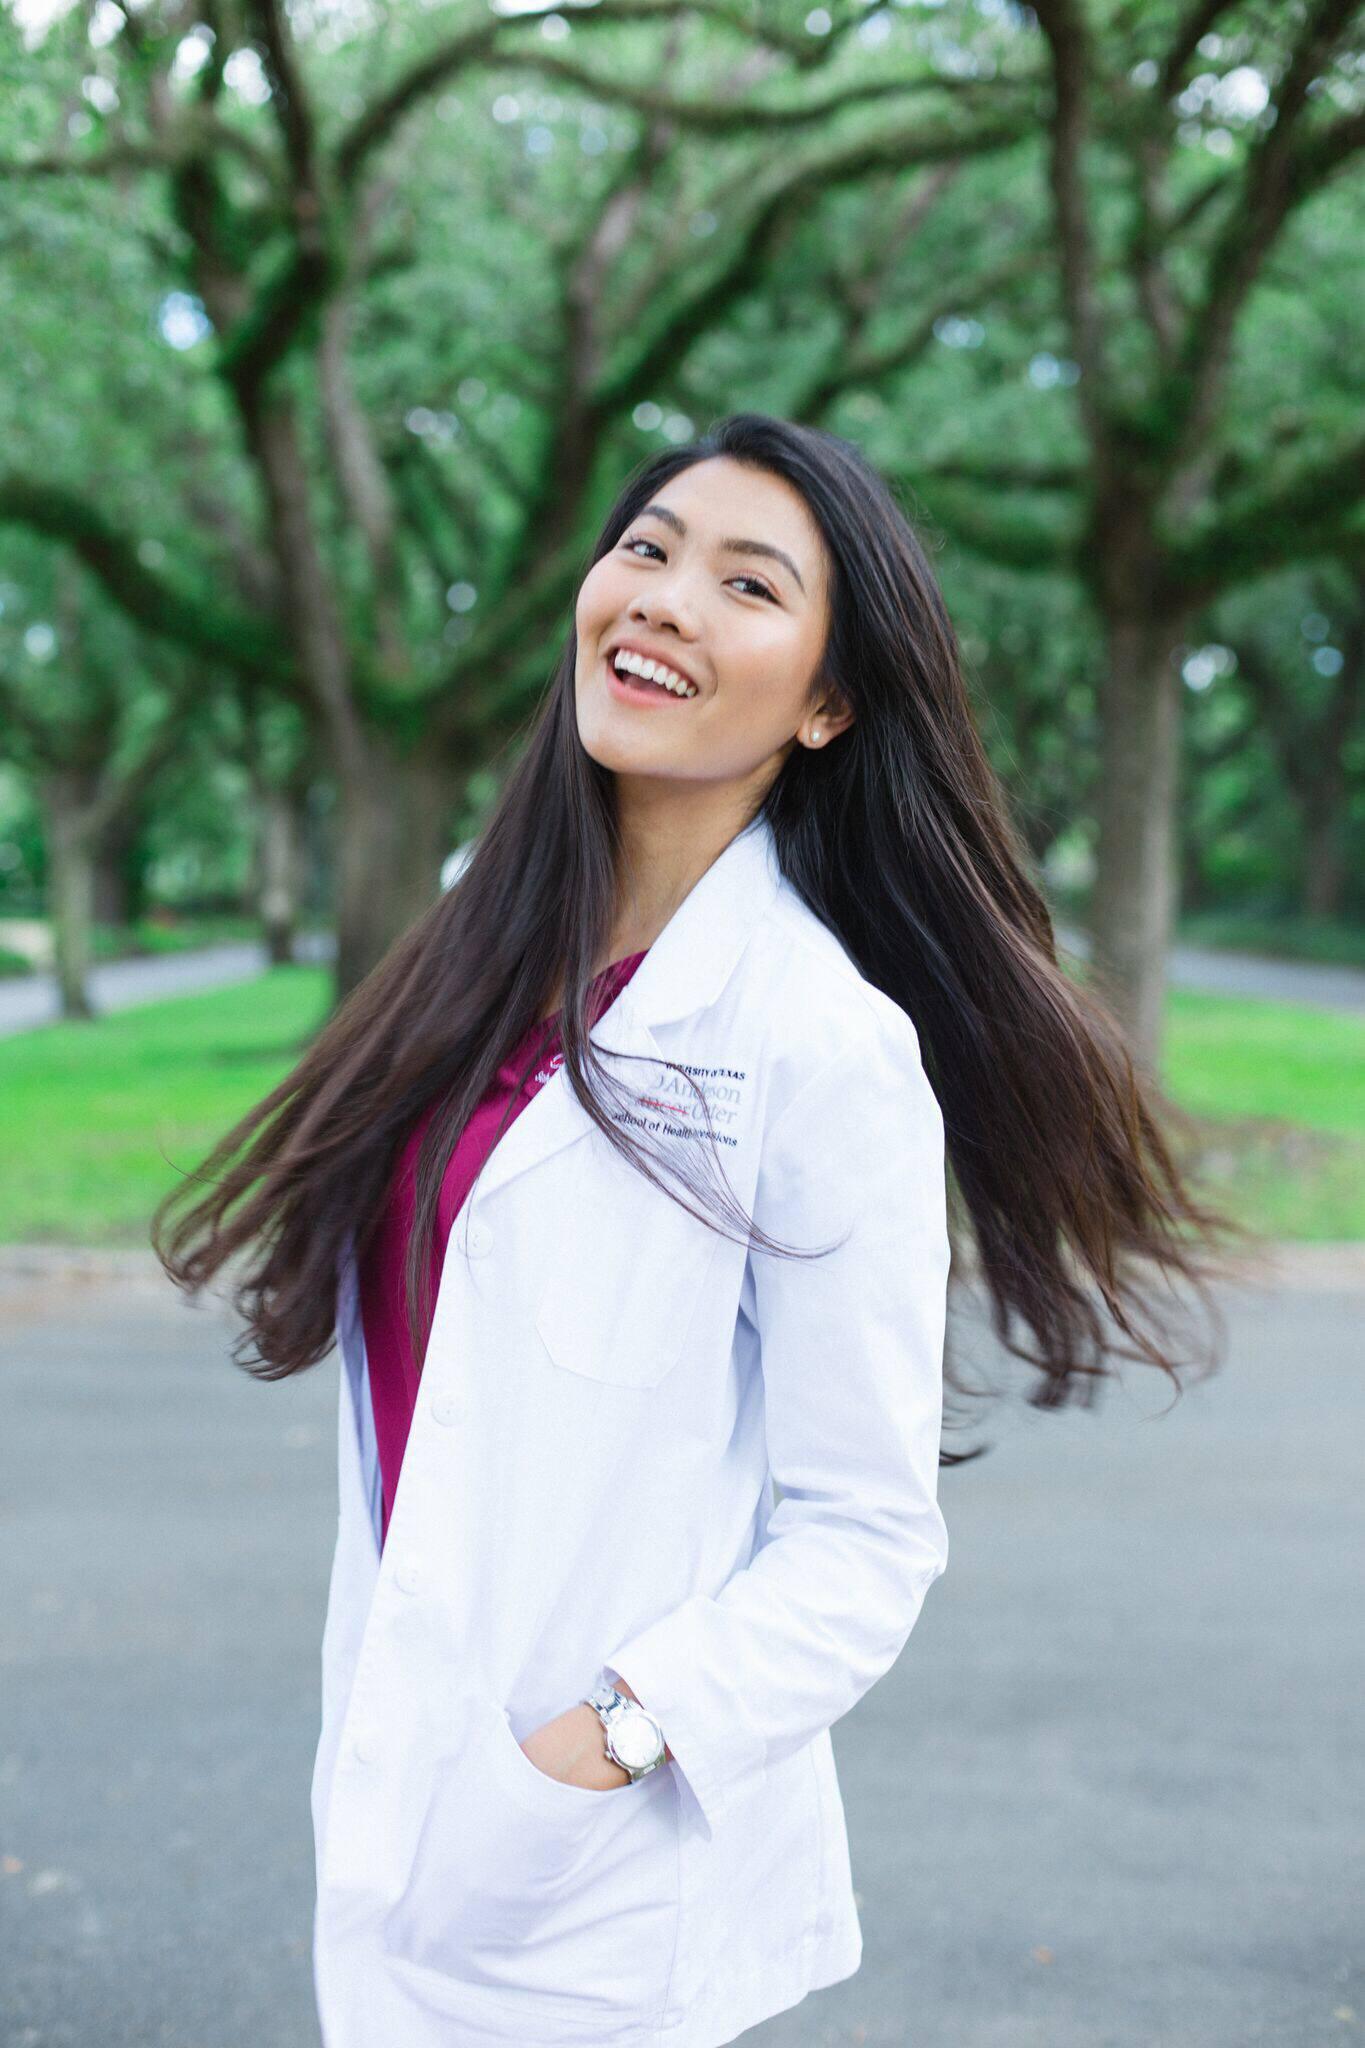 Sinh viên ngành Y Dược hot đến mức độ nào: Kẻ là nam thần chốn bệnh viện, người là hotgirl du học sinh tốt nghiệp GPA 4.0 tại Mỹ - Ảnh 1.